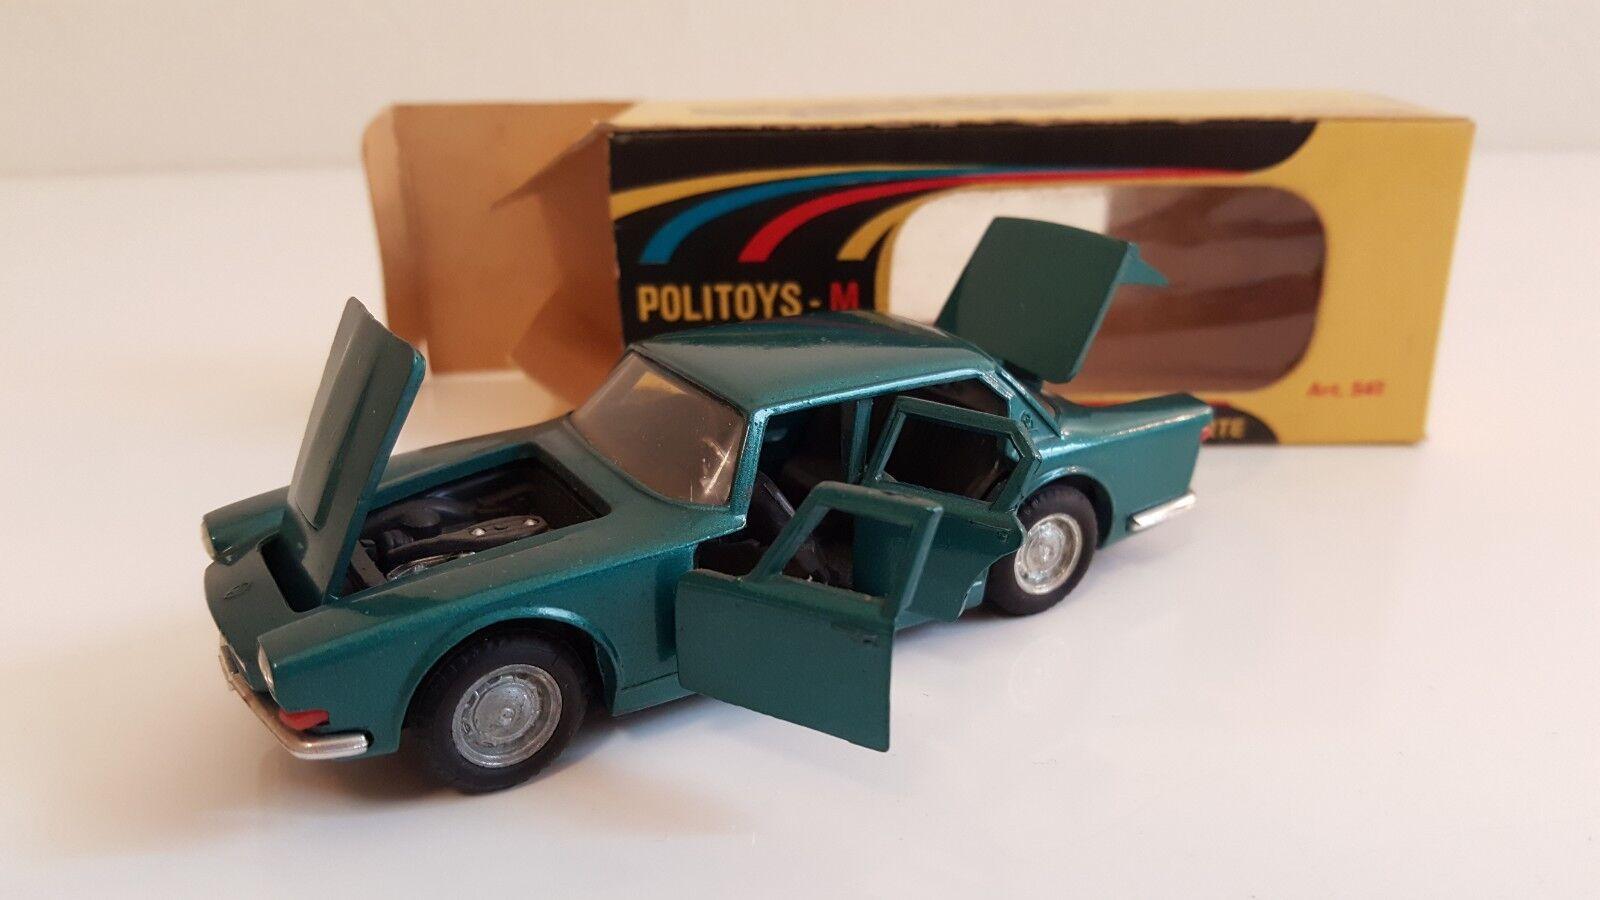 Politoys - 541-maserati quattro porte in original box vn mib (1 43)